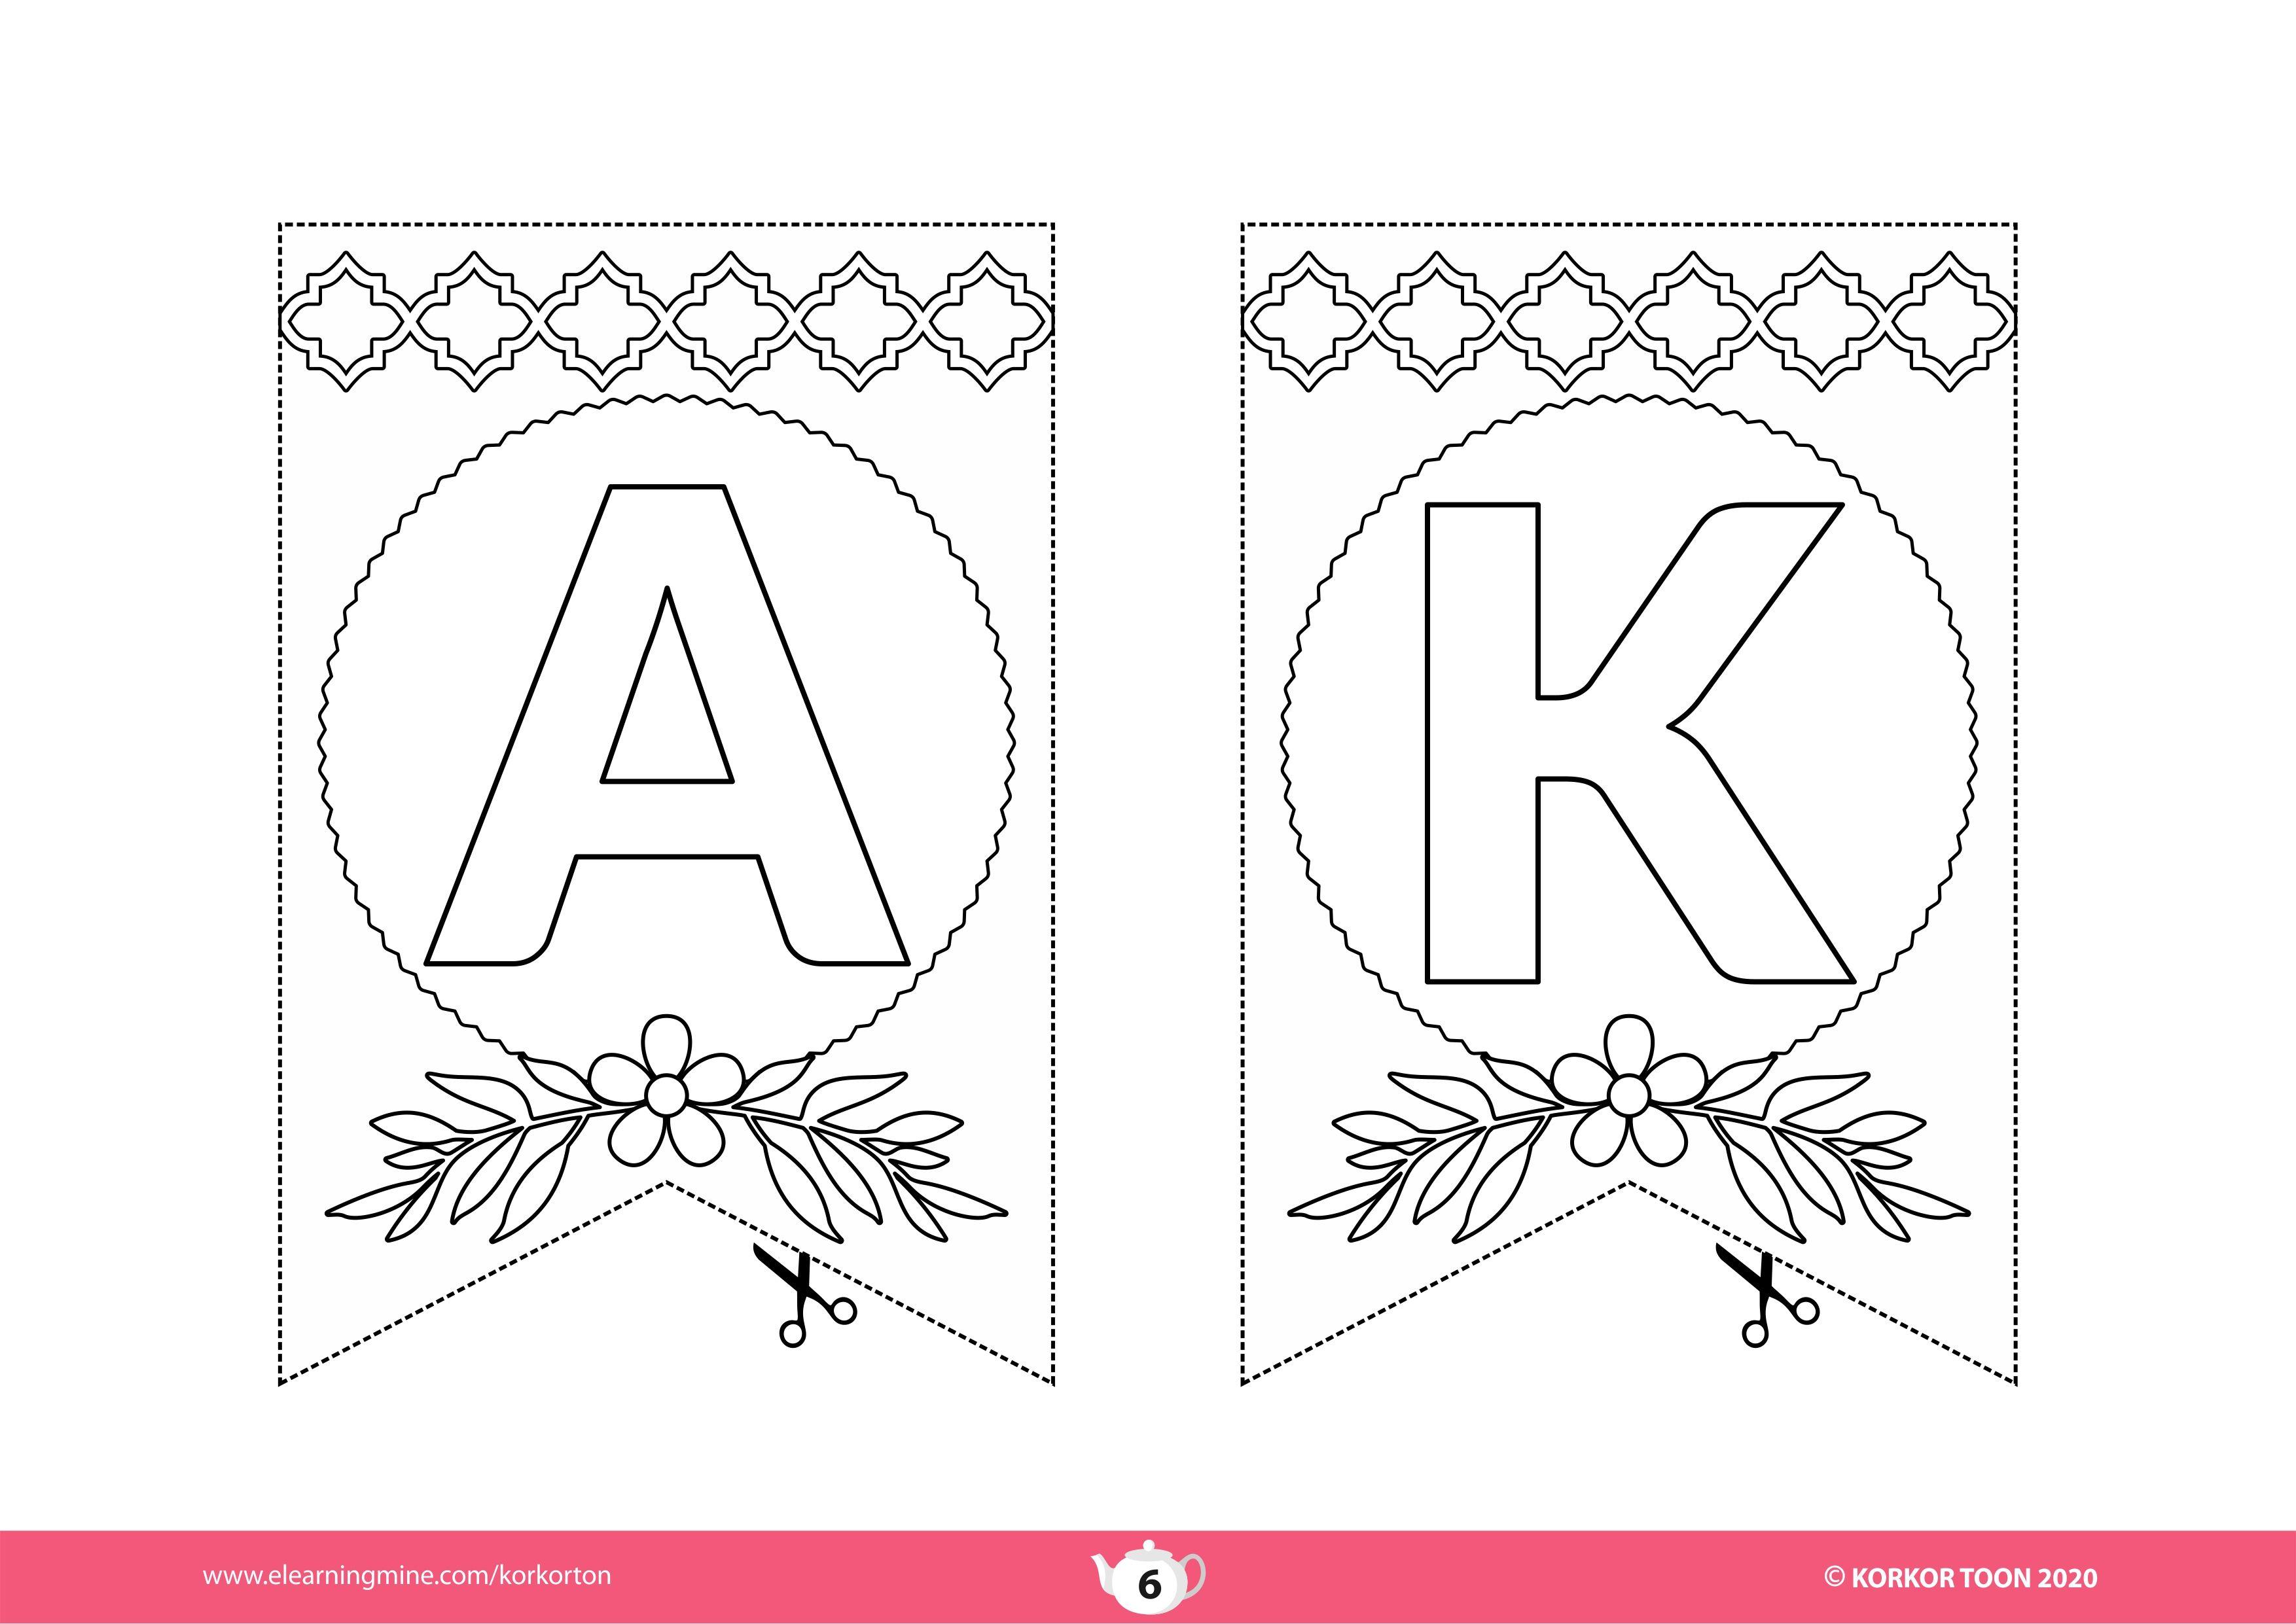 Printable Eid Decoration زينة العيد للطباعة Eid Decoration Decor Cards